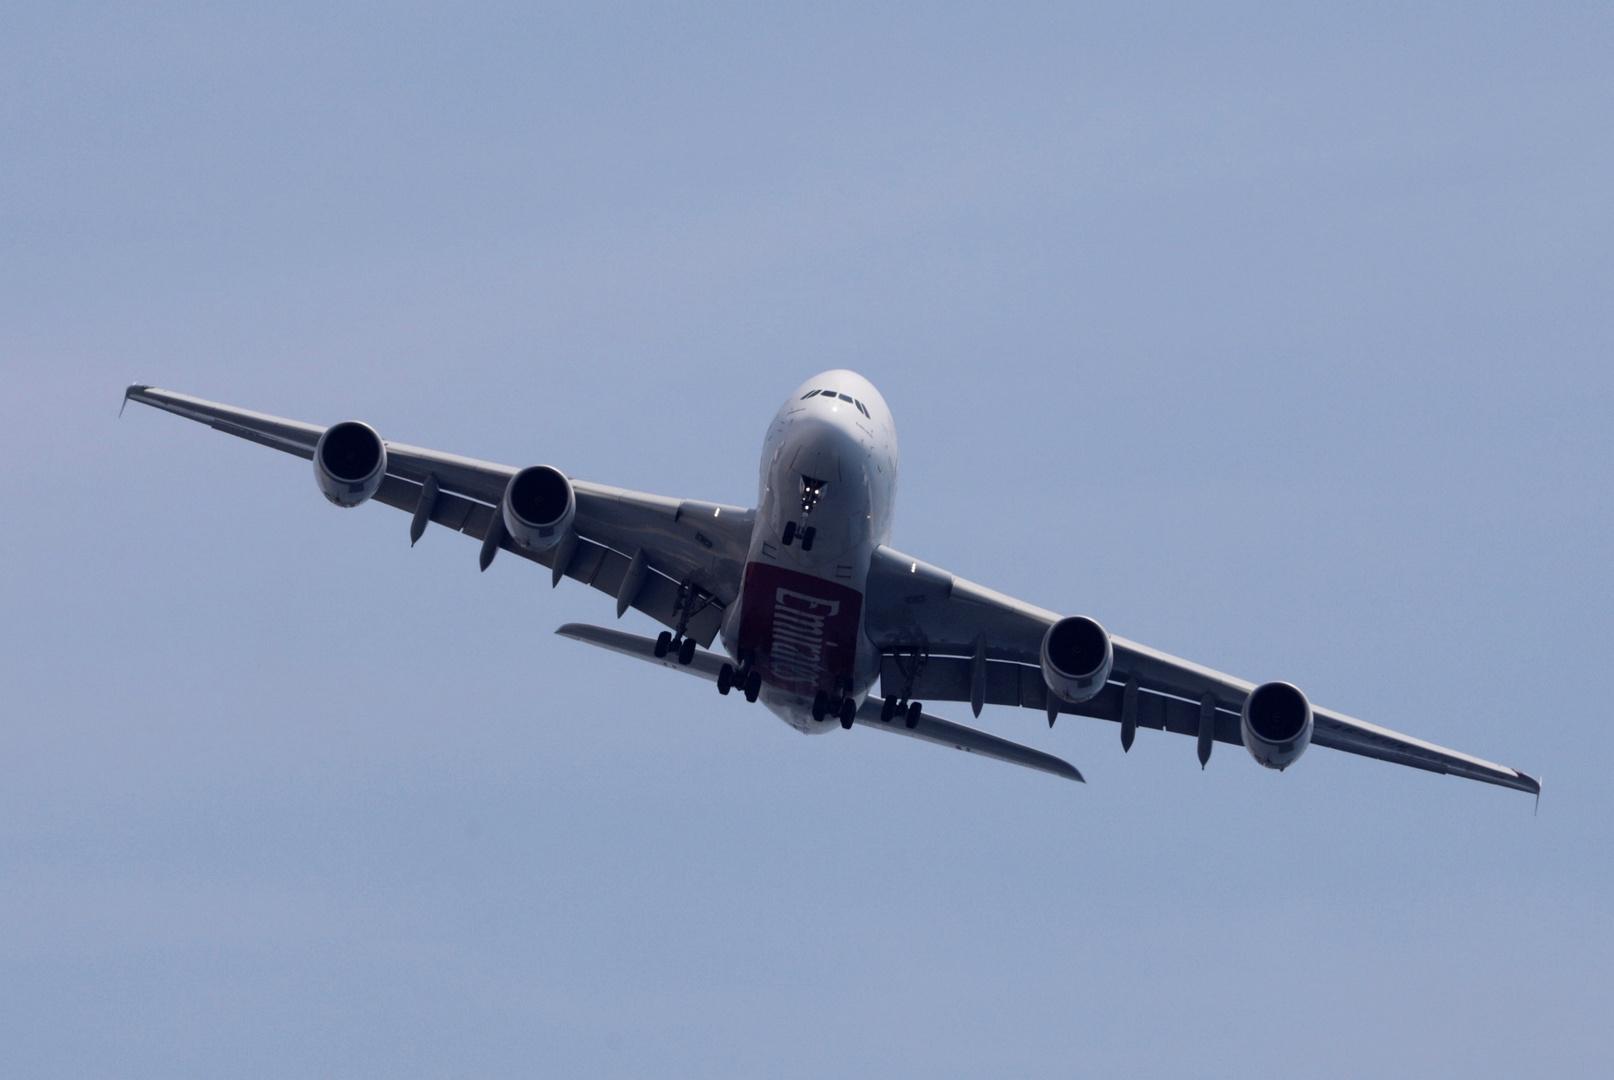 أسرار الطيران.. هل تخاف من المطبات الهوائية في الجو؟